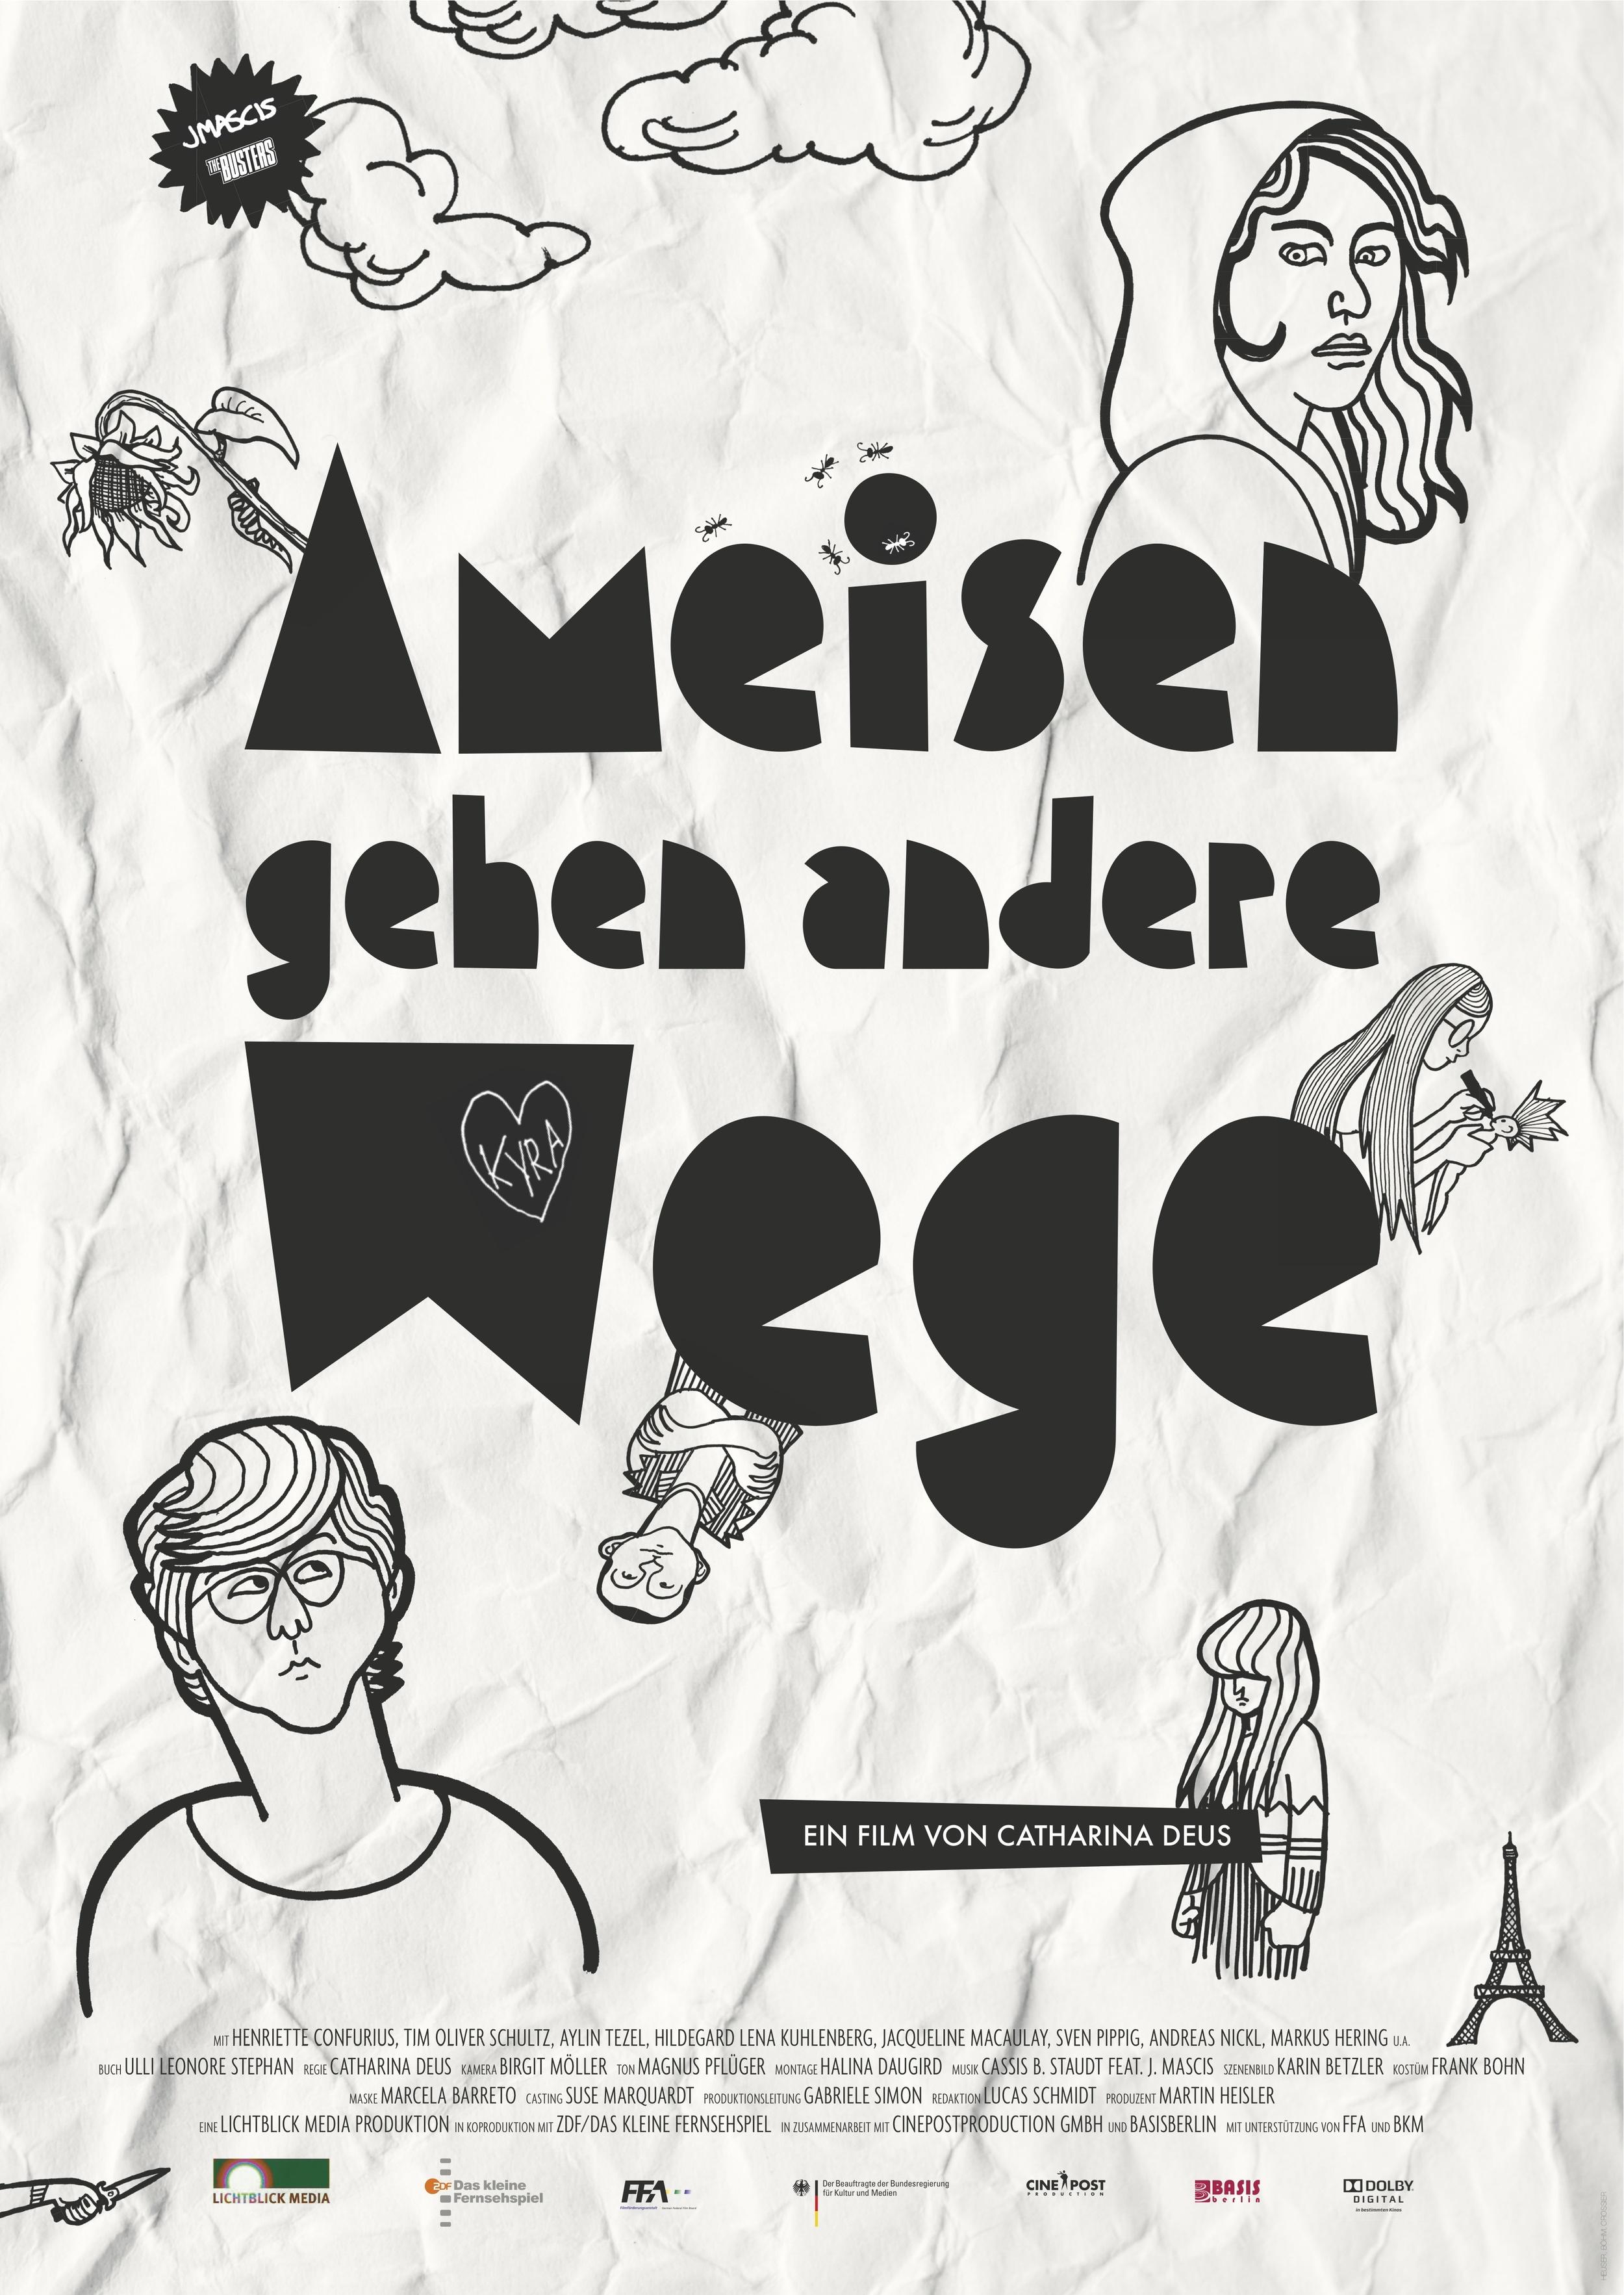 2011_Ameisen_gehen_andere_Wege_Lichtblick_Media.jpg